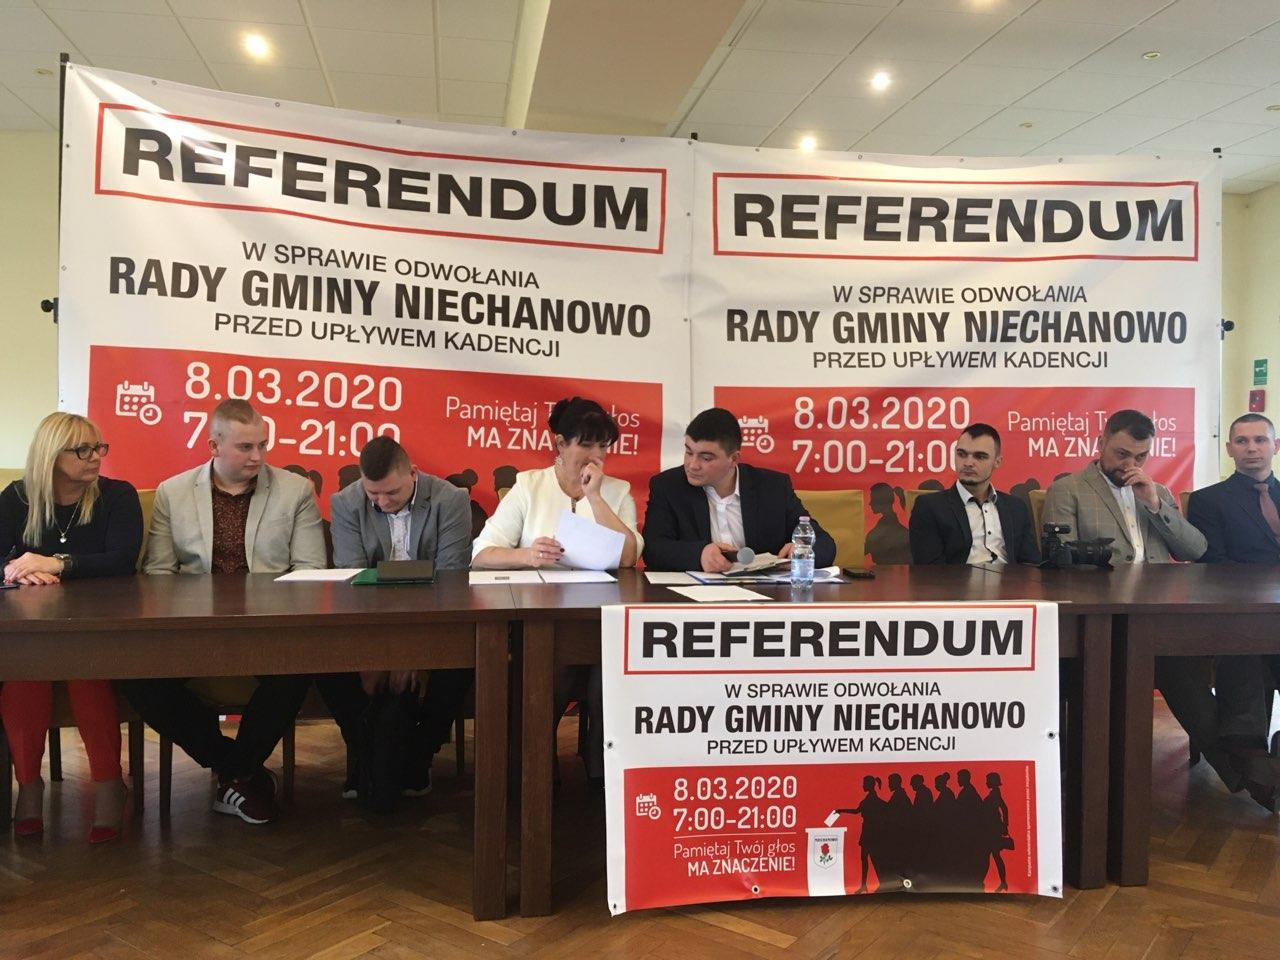 referendum niechanowo odwołanie rady - Rafał Muniak